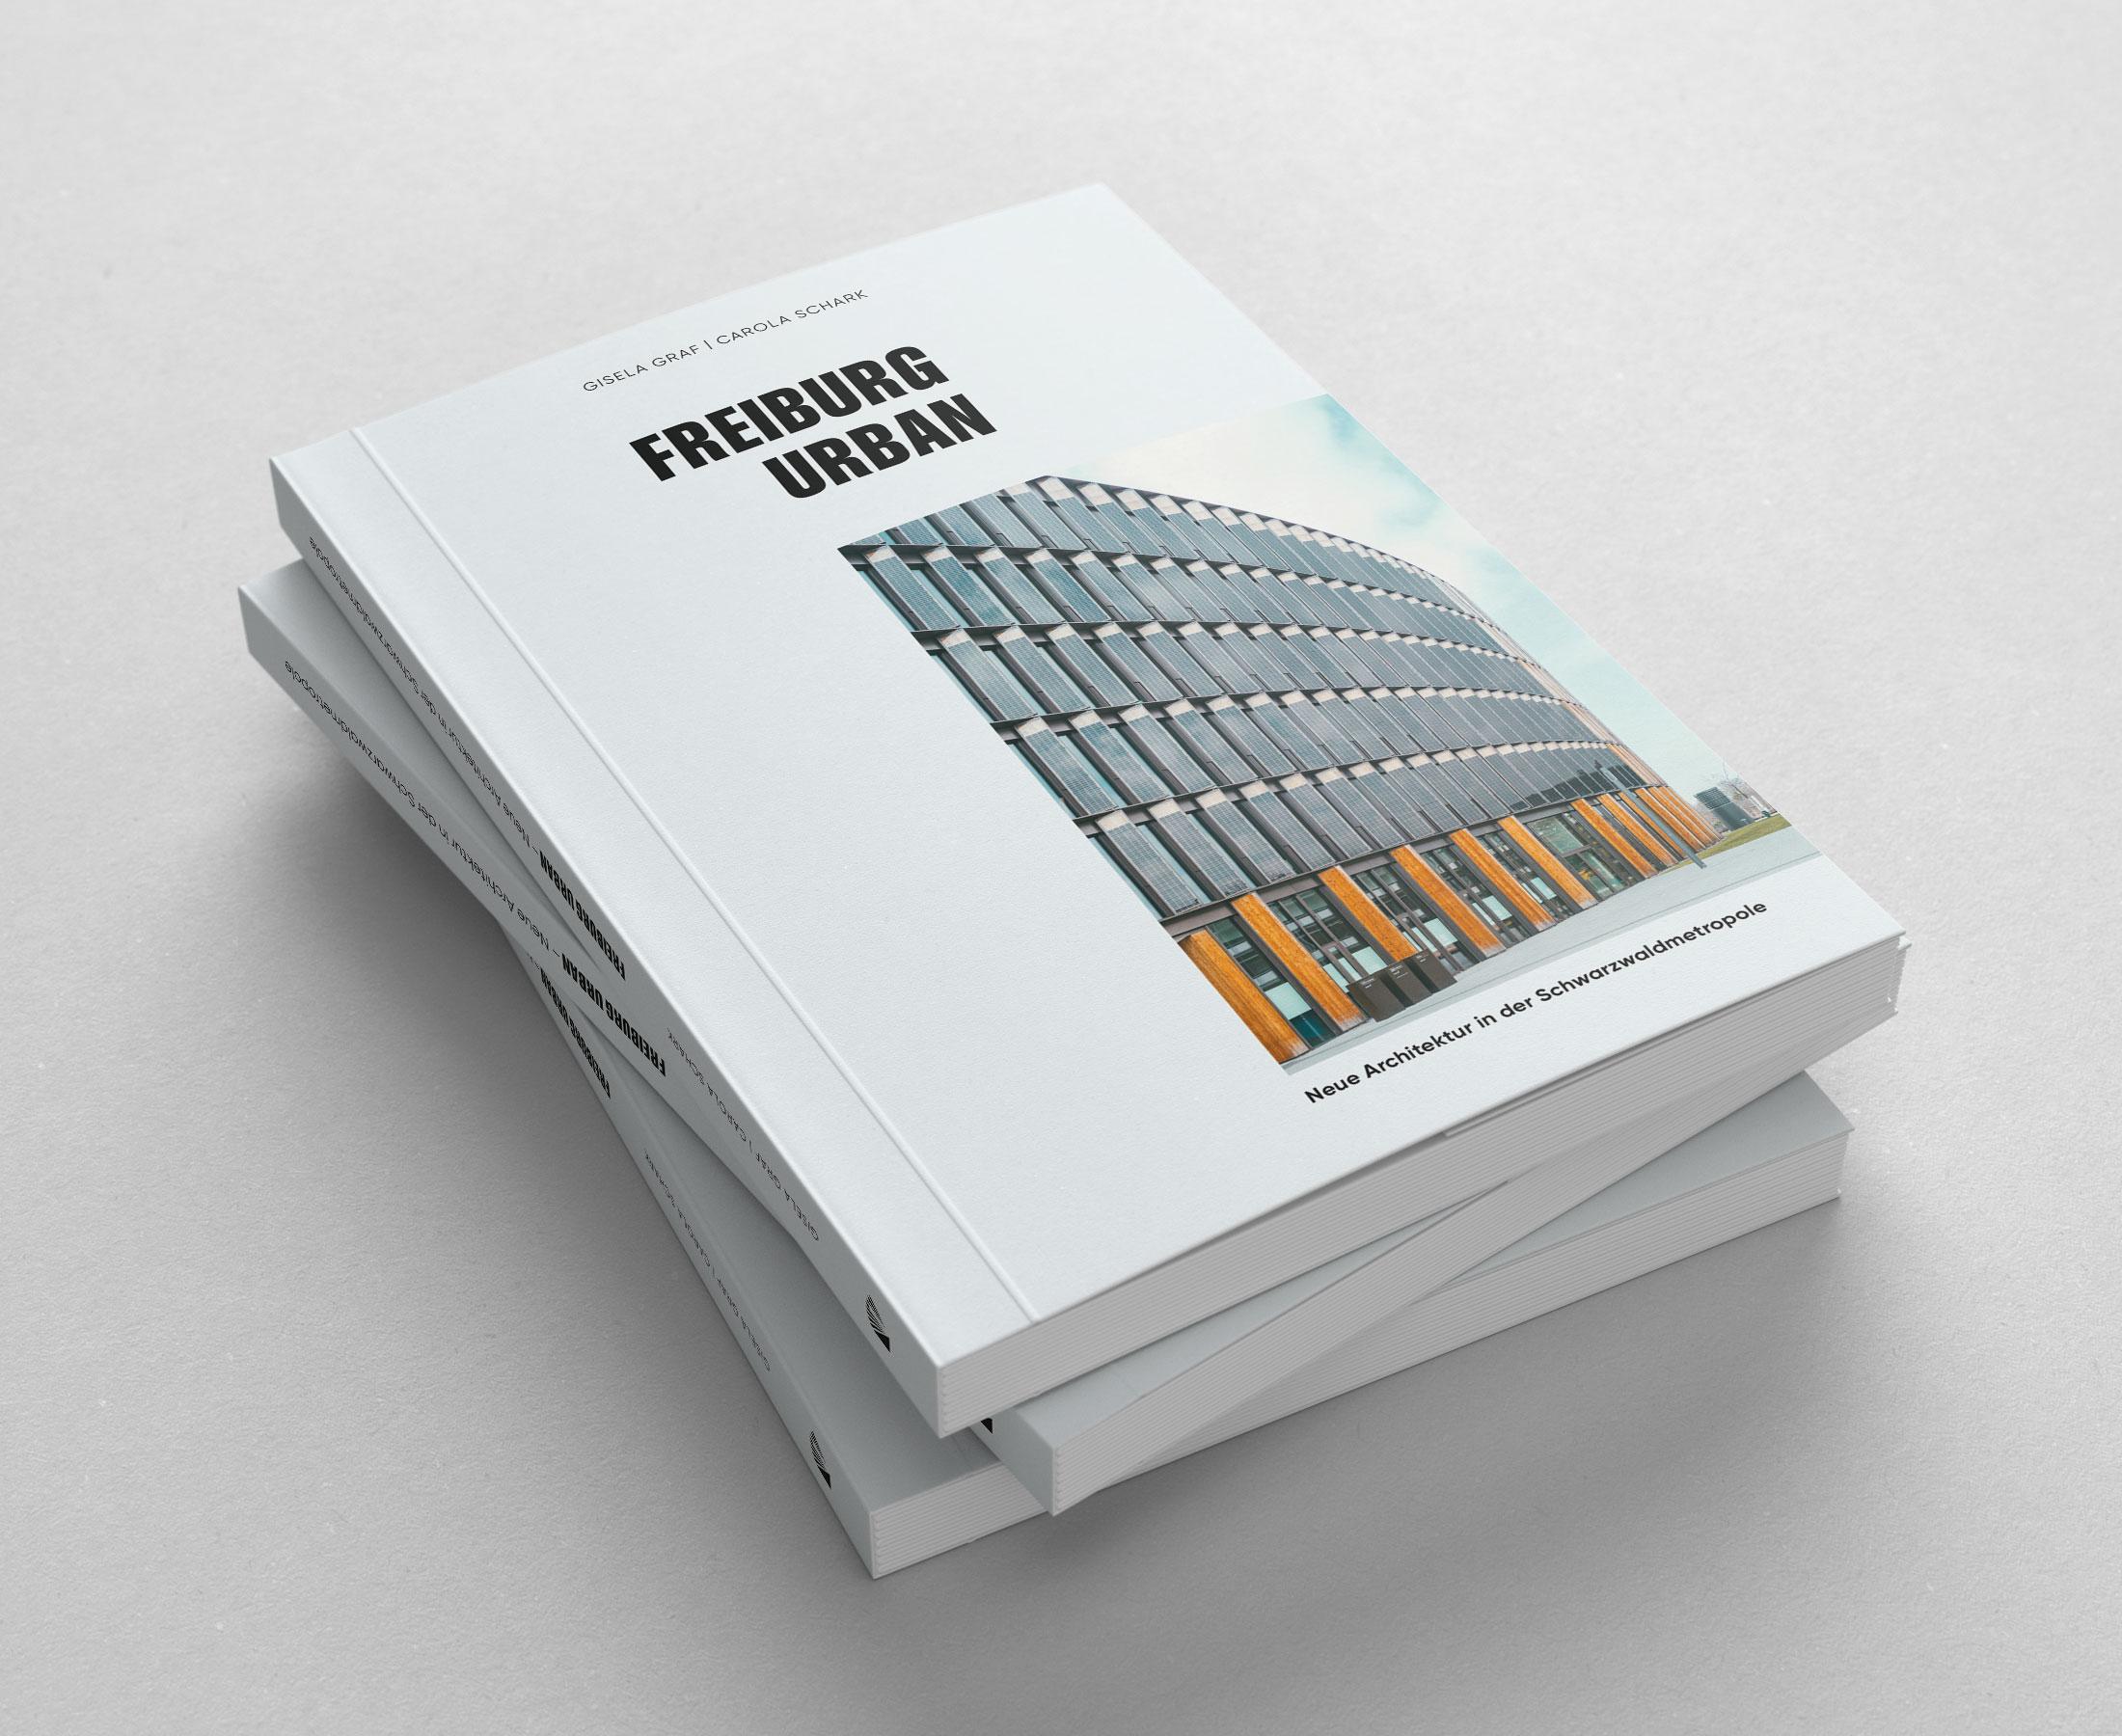 Architekturfuehrer_Mockup.jpg